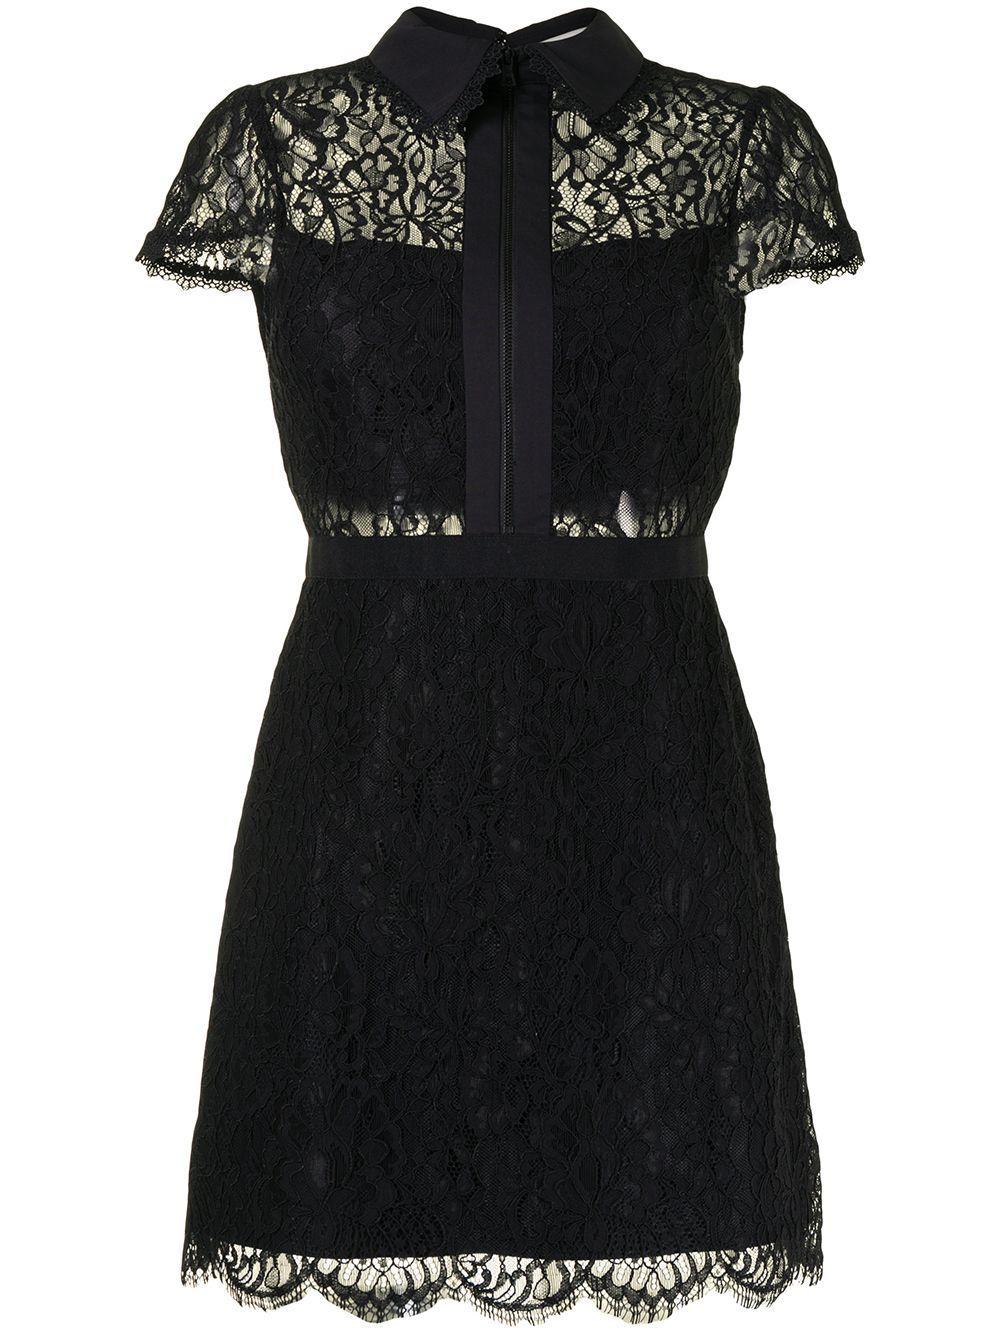 Ellis Lace Dress Item # CC010701507